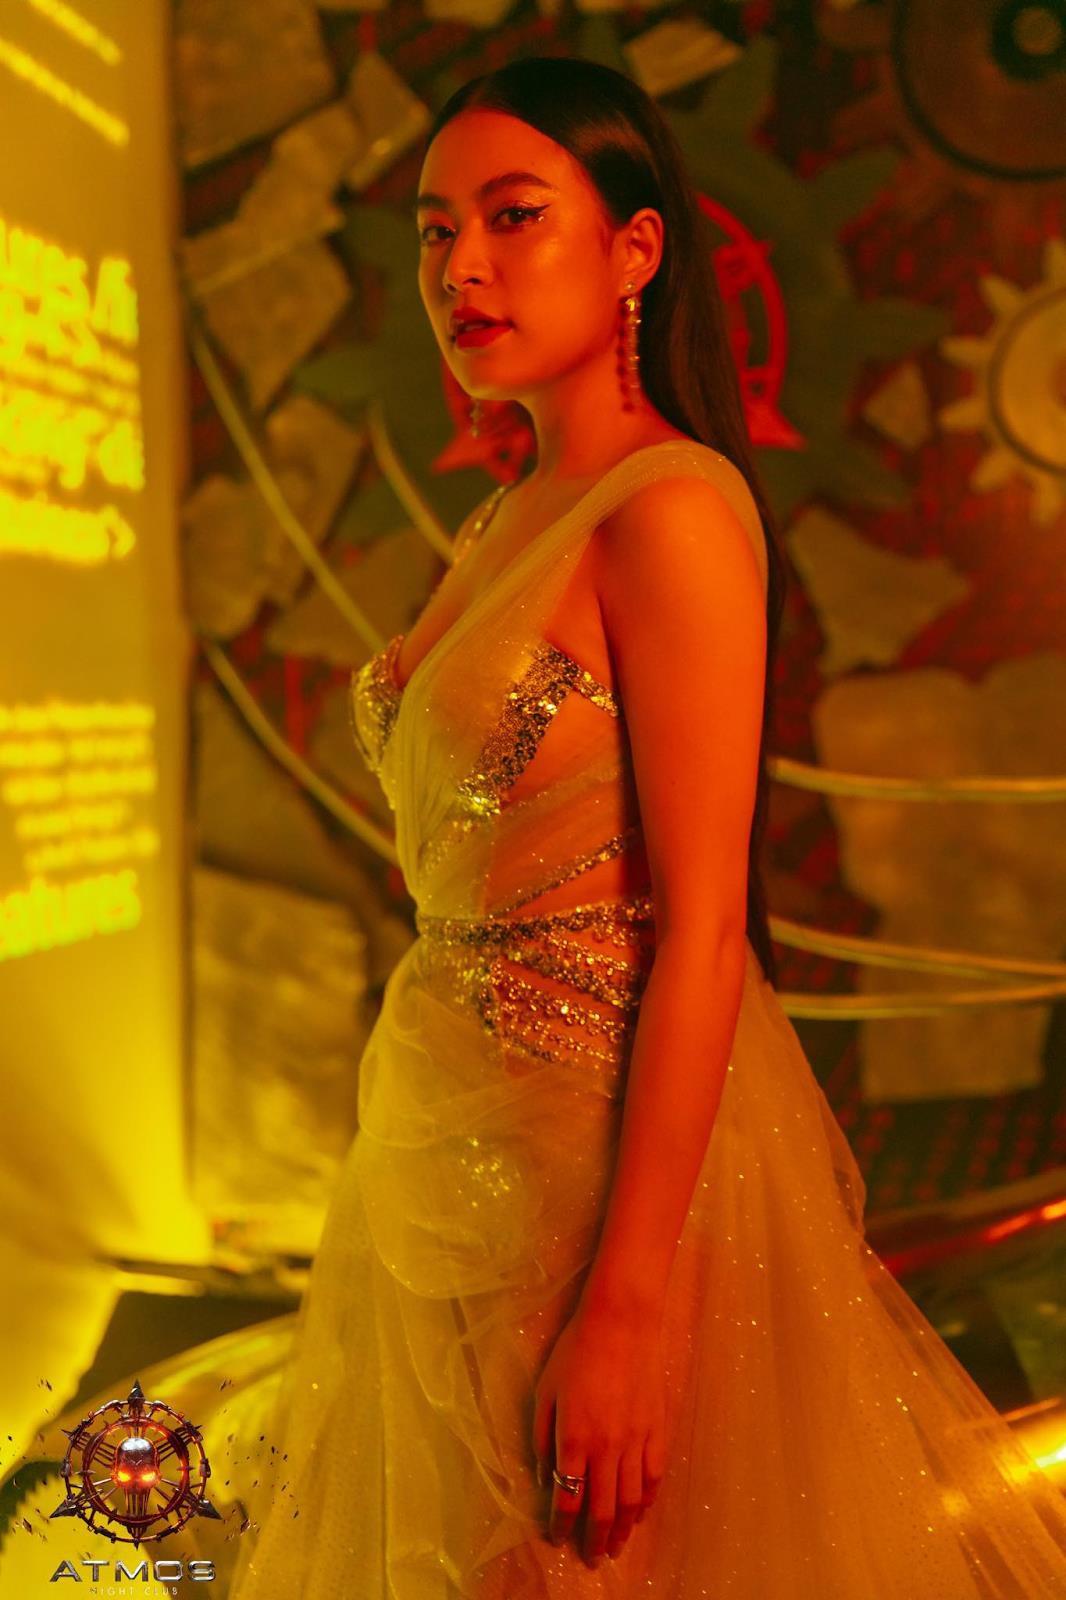 Diện trang phục gợi cảm, Tóc Tiên, Hoàng Thùy Linh khuấy động đêm nhạc với loạt hit đình đám - Ảnh 3.